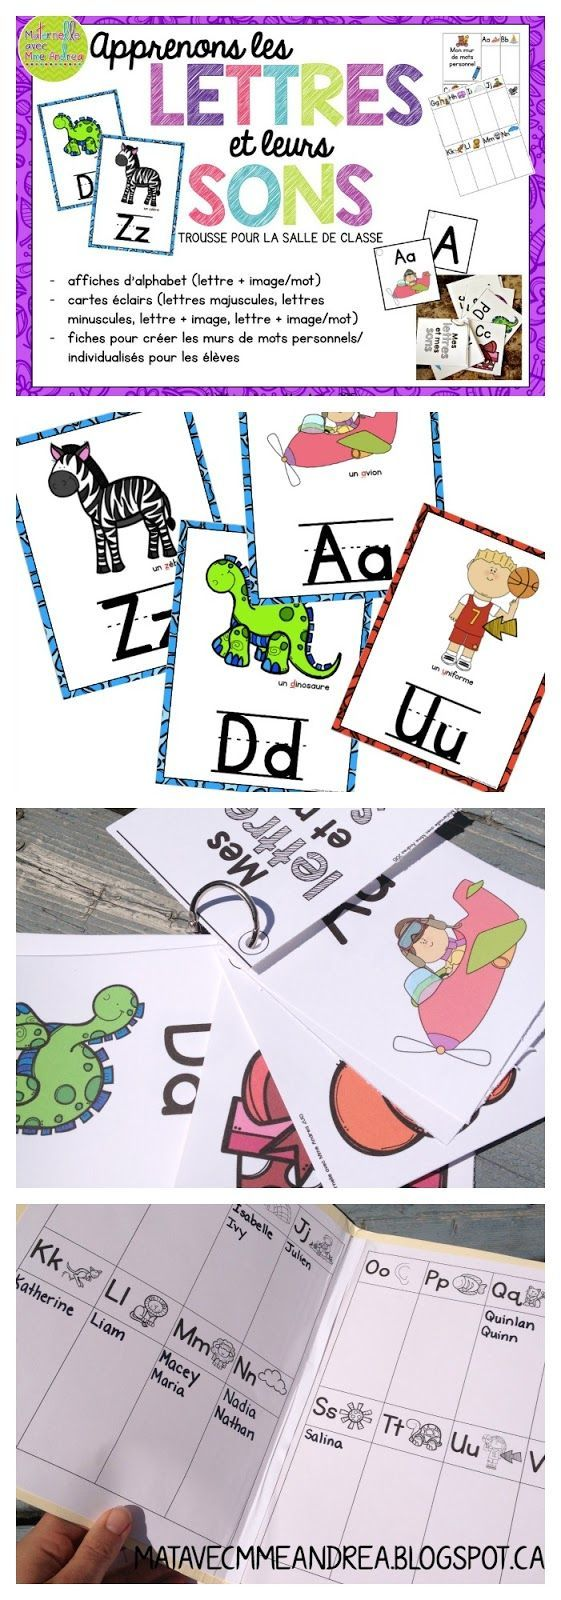 Affiches pour la salle de classe, cartes éclairs pour faciliter la pratique à la maison et un mur de mots personnel. Aidez vos élèves à apprendre les lettres et leurs sons! $ (scheduled via http://www.tailwindapp.com?utm_source=pinterest&utm_medium=twpin&utm_content=post7149312&utm_campaign=scheduler_attribution)